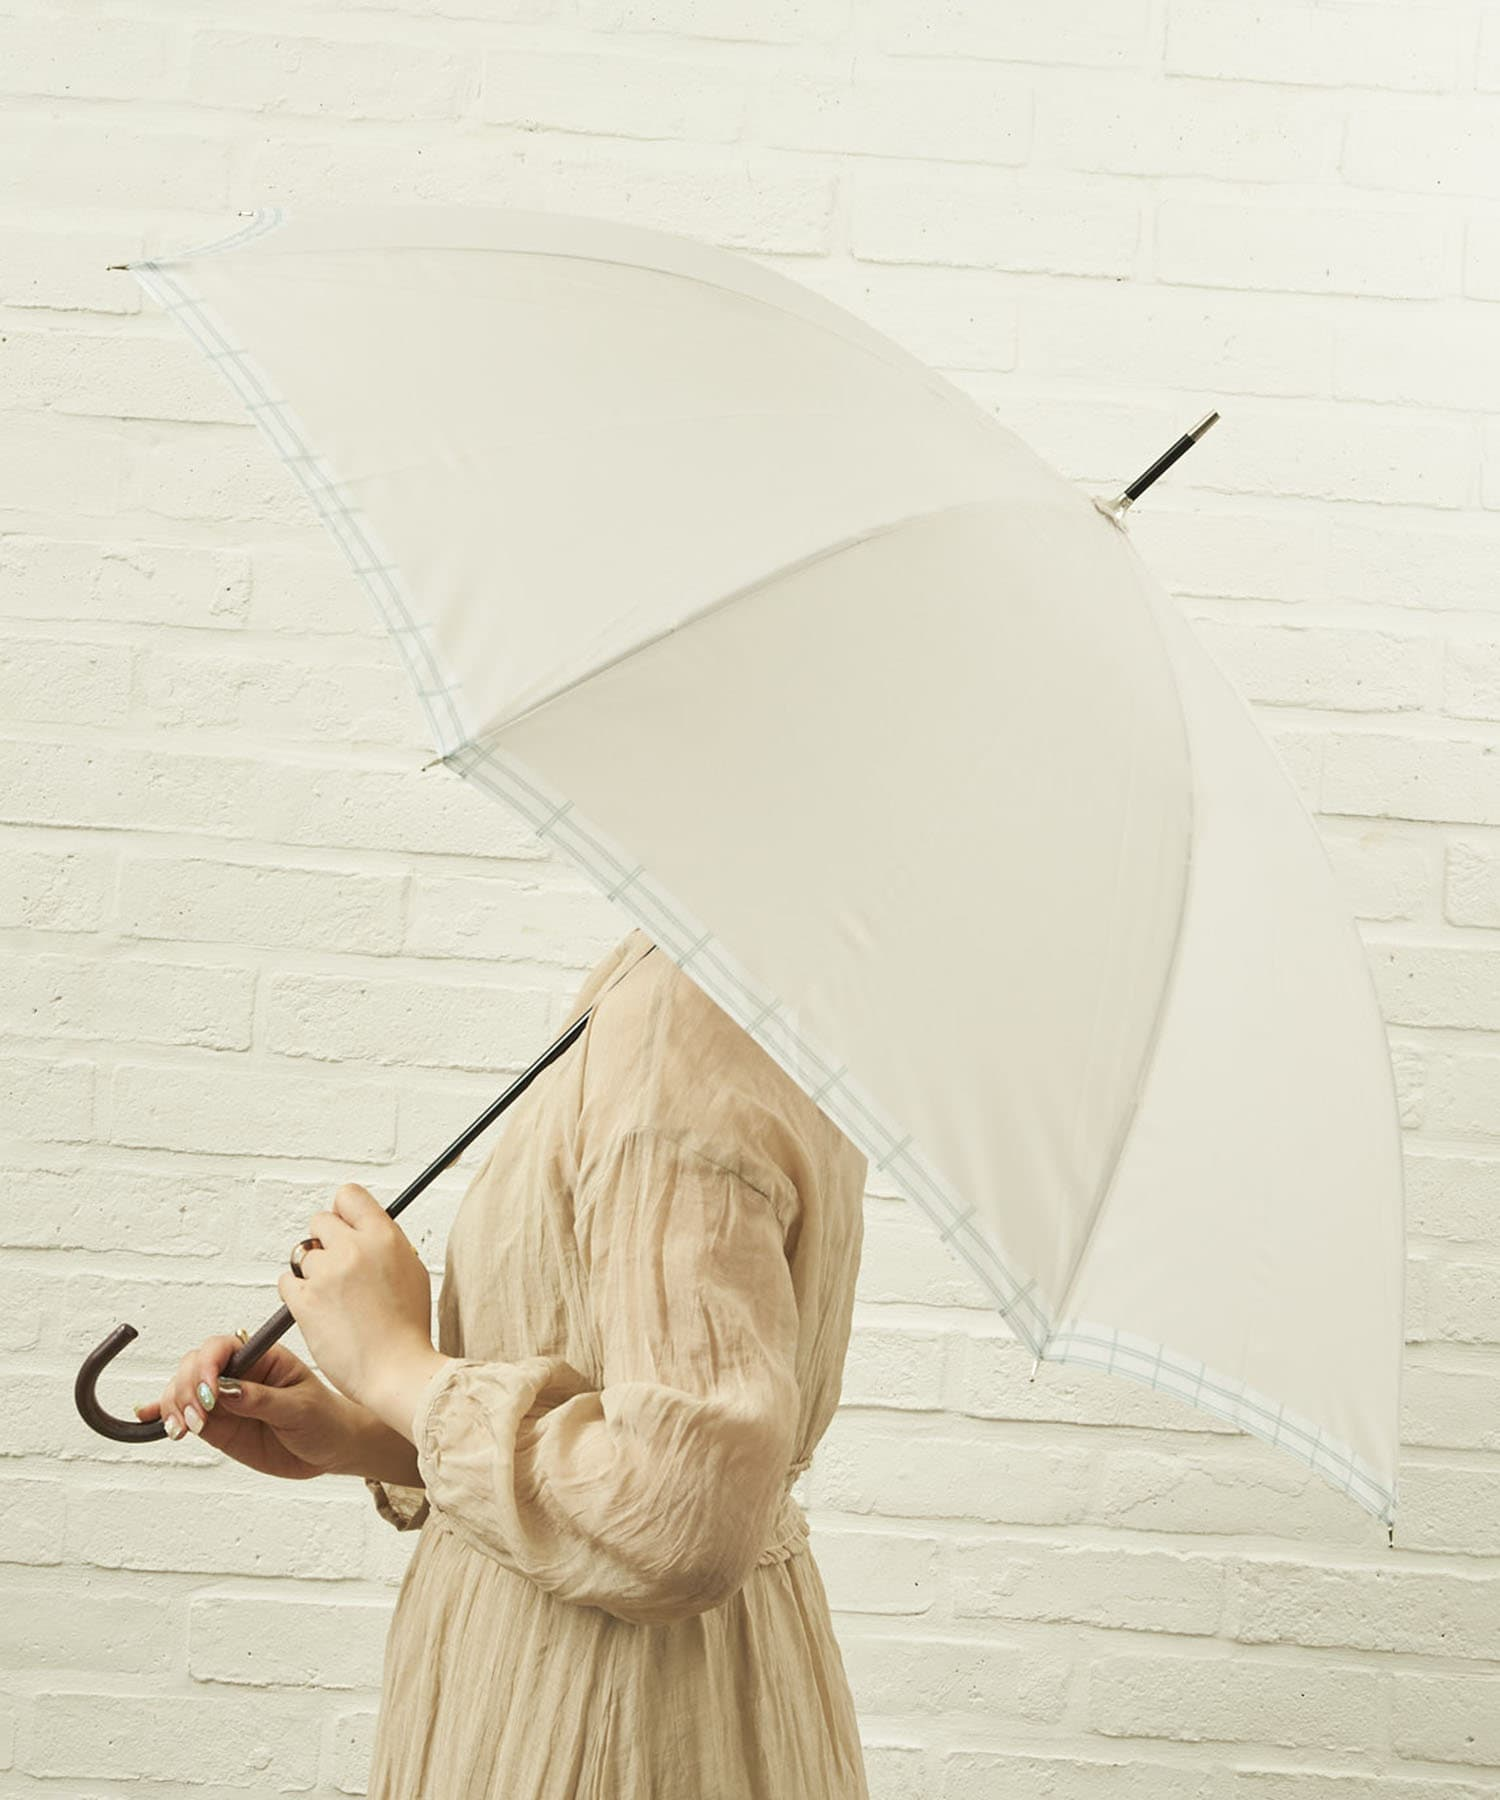 salut!(サリュ) ライフスタイル 雨傘長裾チェック(アイボリー) その他